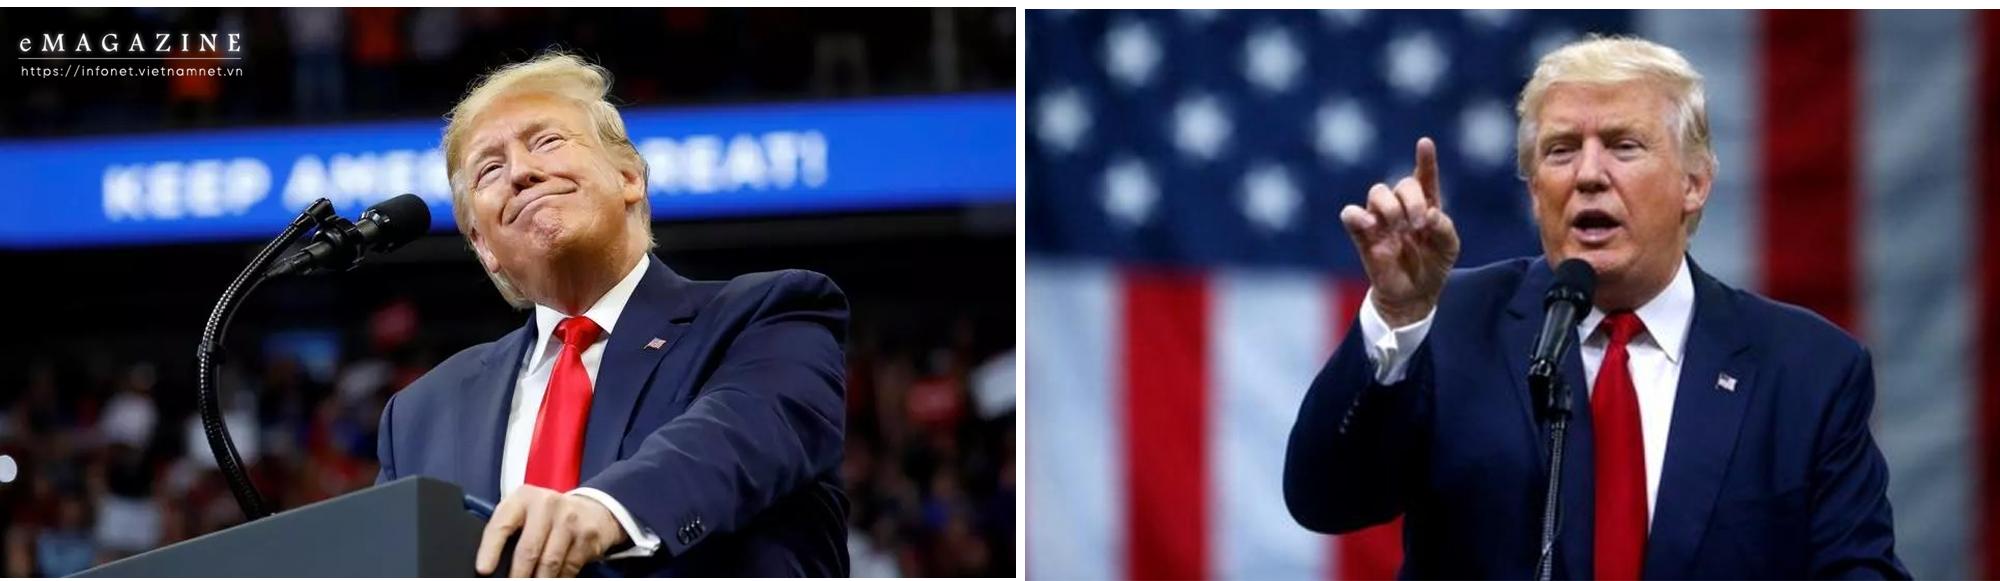 Donald Trump - Vị Tổng thống Mỹ 'thích sự ồn ào'